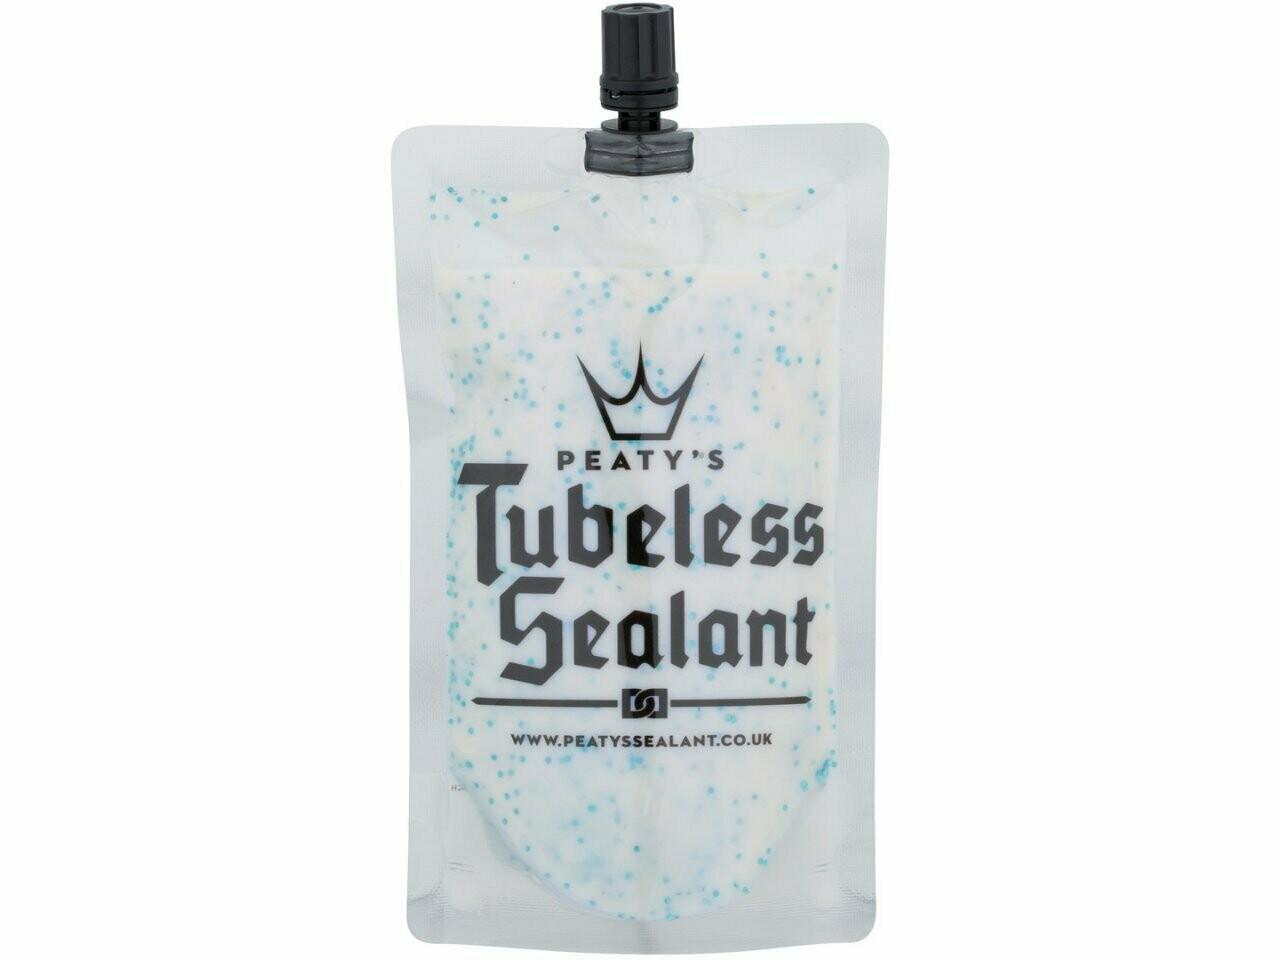 PEATYS TUBELESS SEALANT